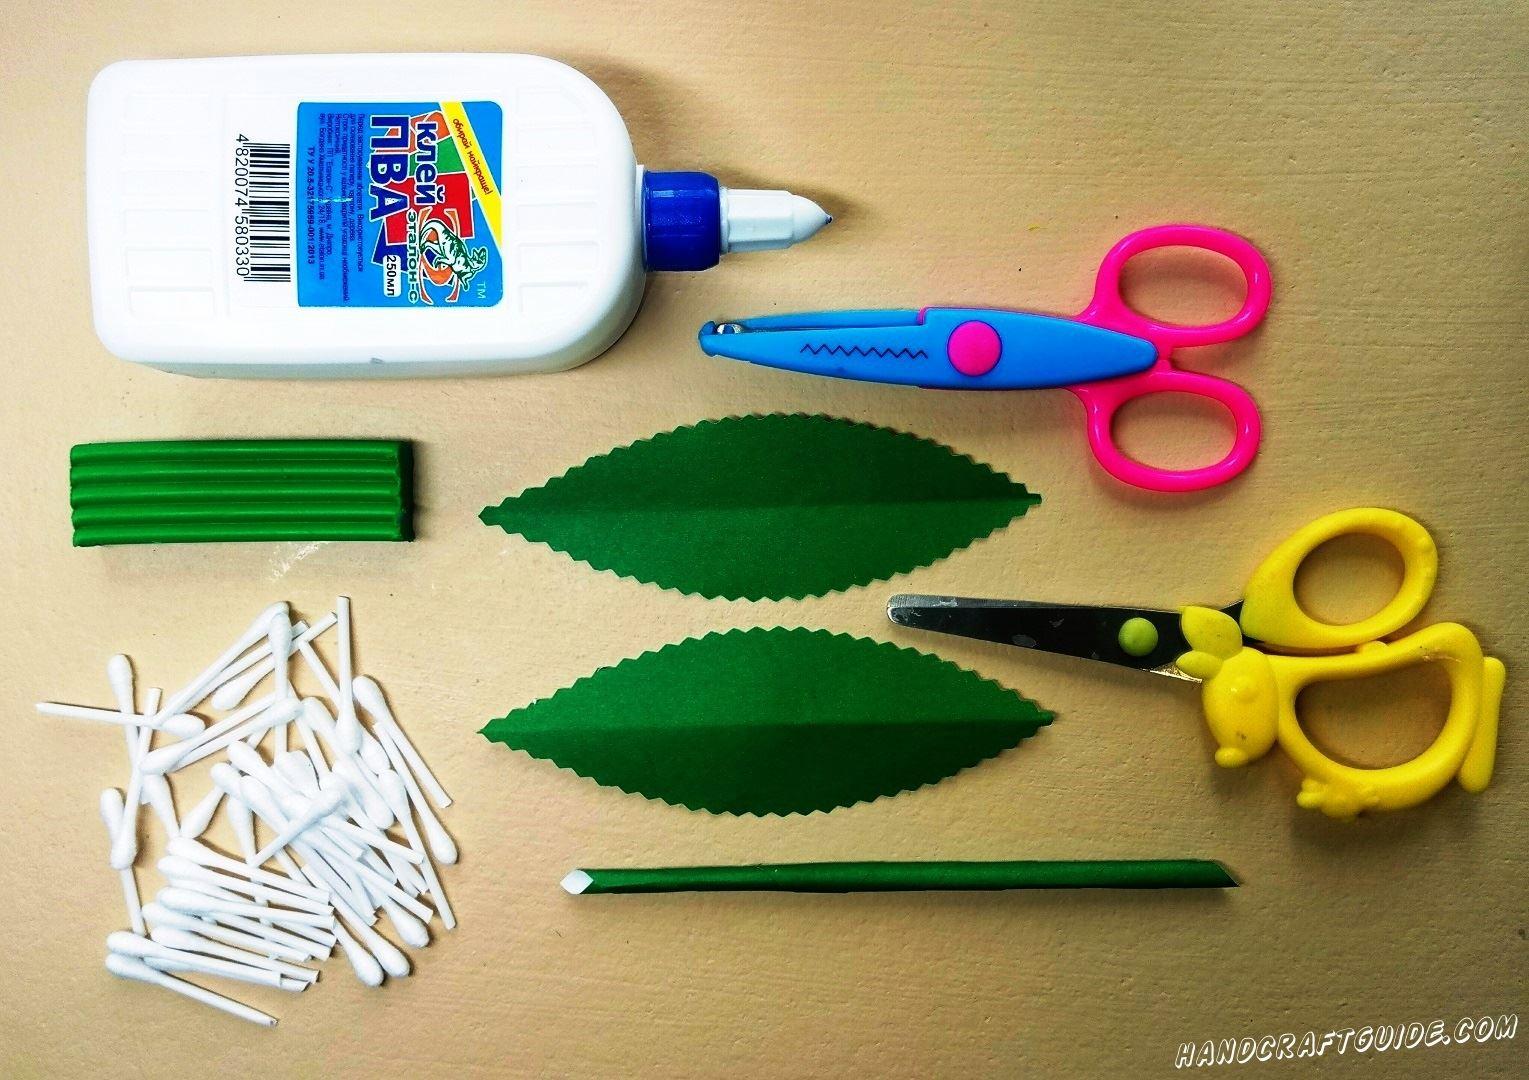 С оставшейся бумаги мы вырезаем 2 одинаковых зелёных листика